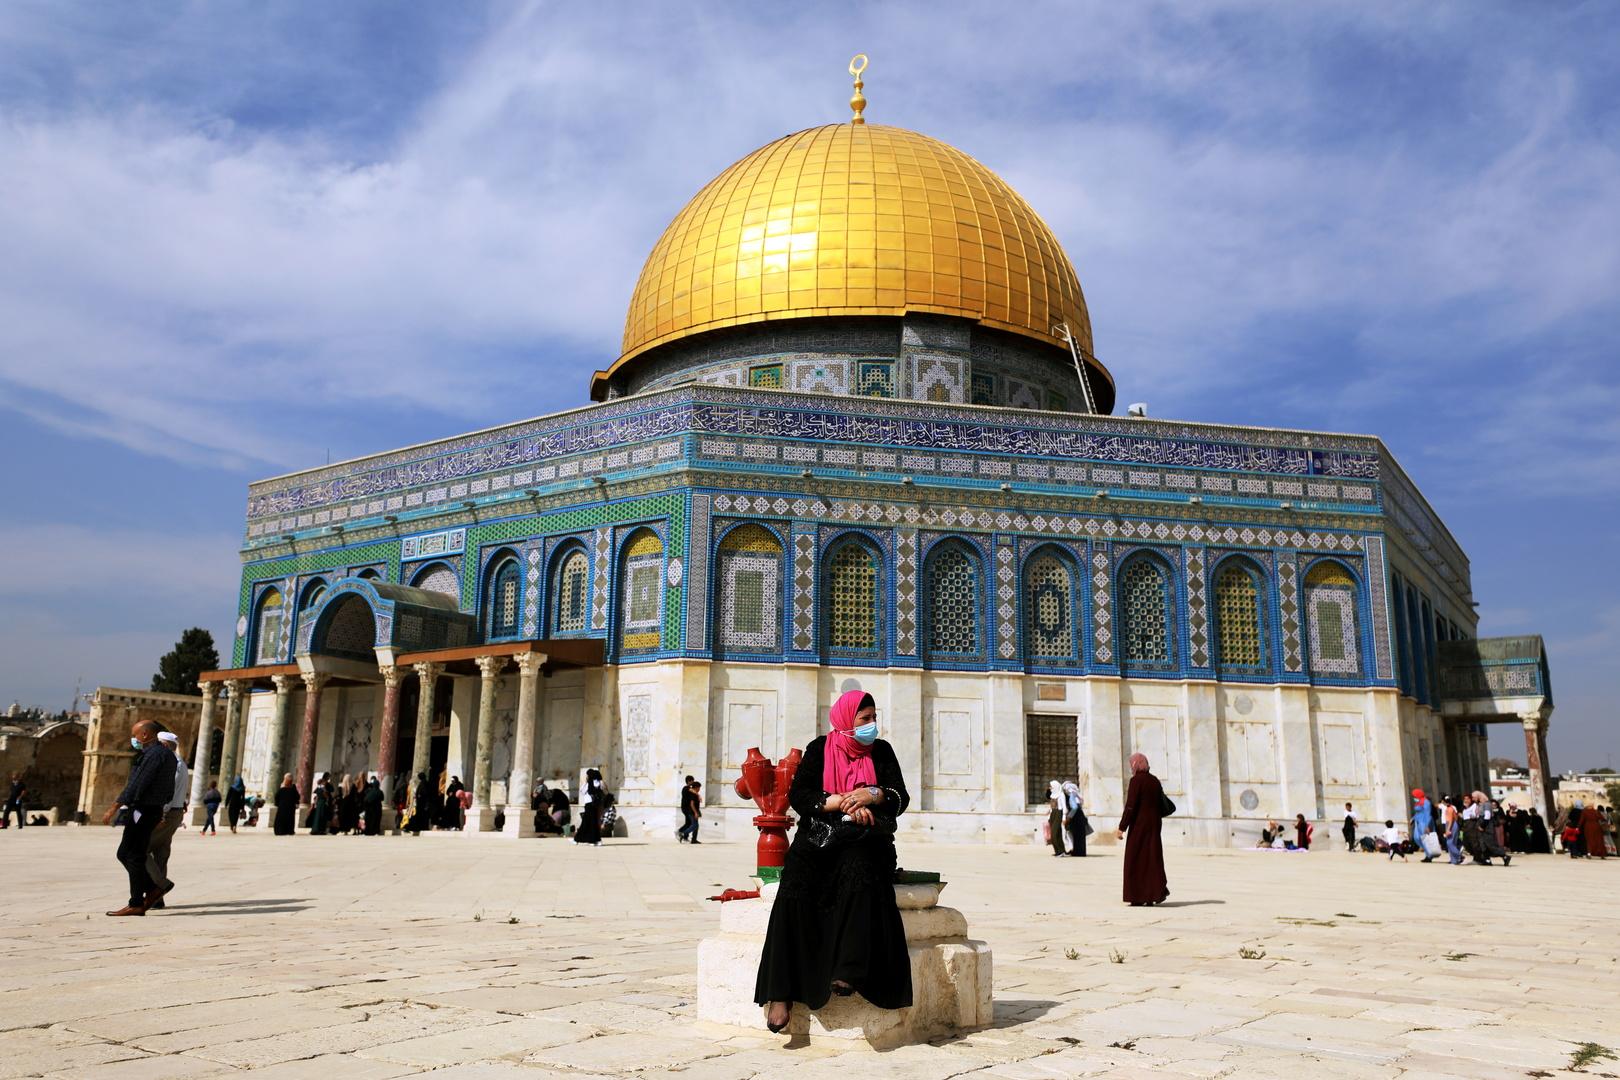 رئيس المرصد المغربي لمناهضة التطبيع: من تخلى عن فلسطين لا يمكن أن يؤتمن على الصحراء الغربية